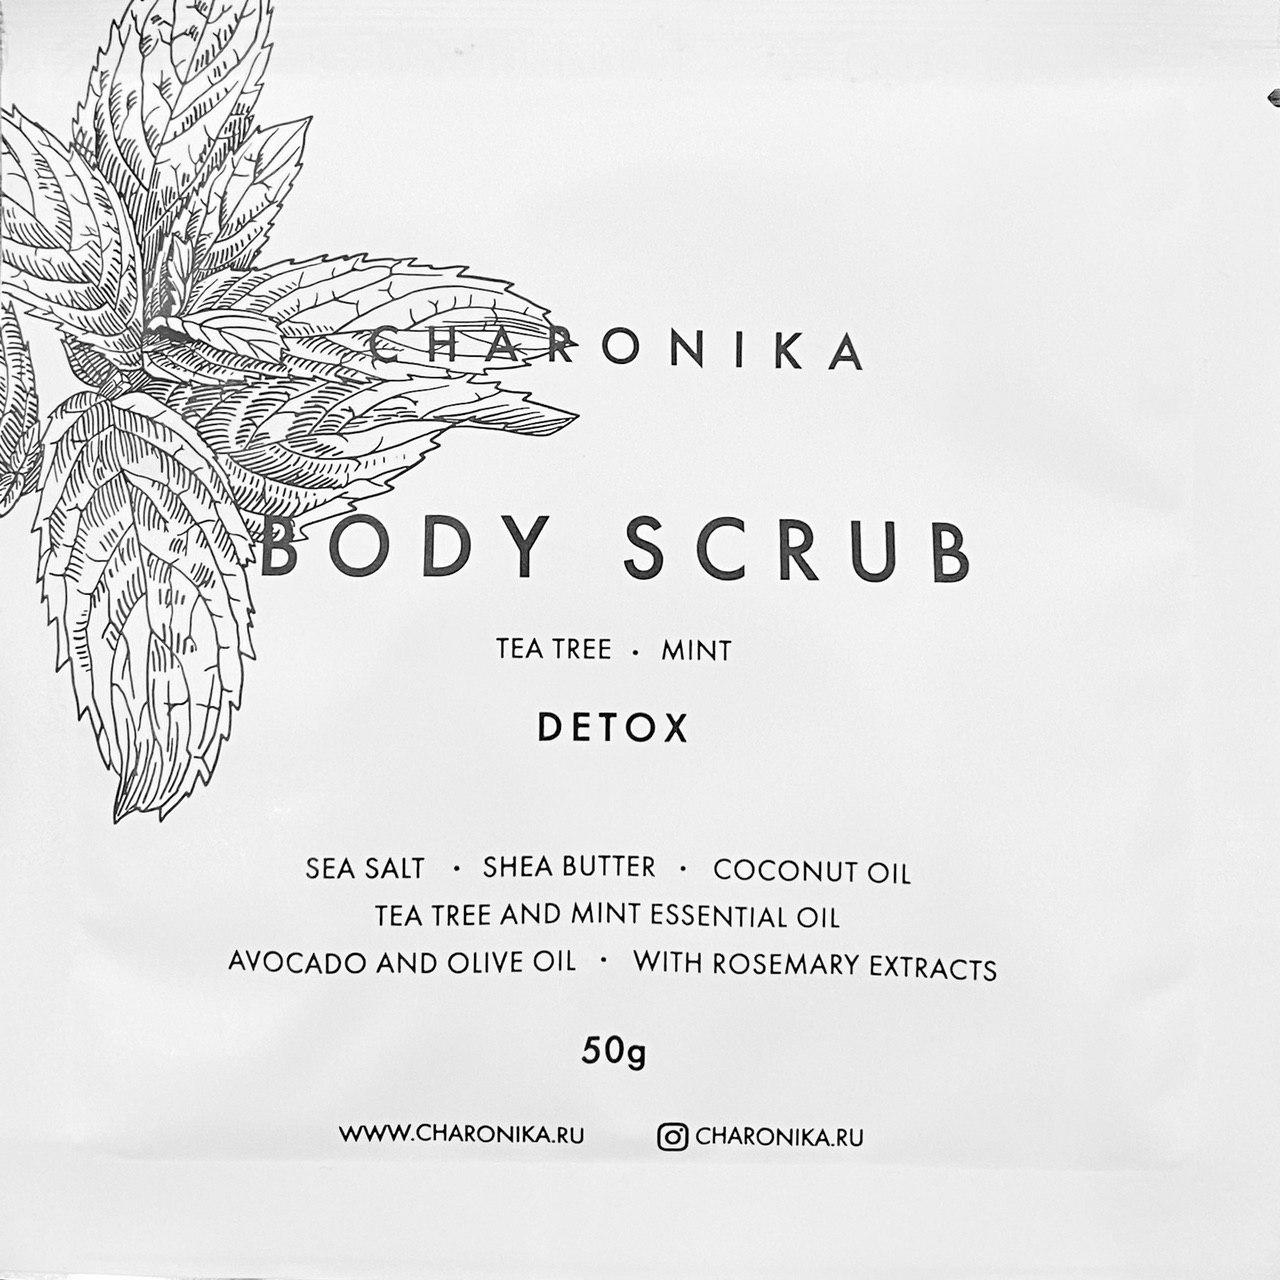 Скраб сухой CHARONIKA Detox Body Scrub 50 гр (чайное дерево, мята) в пакете